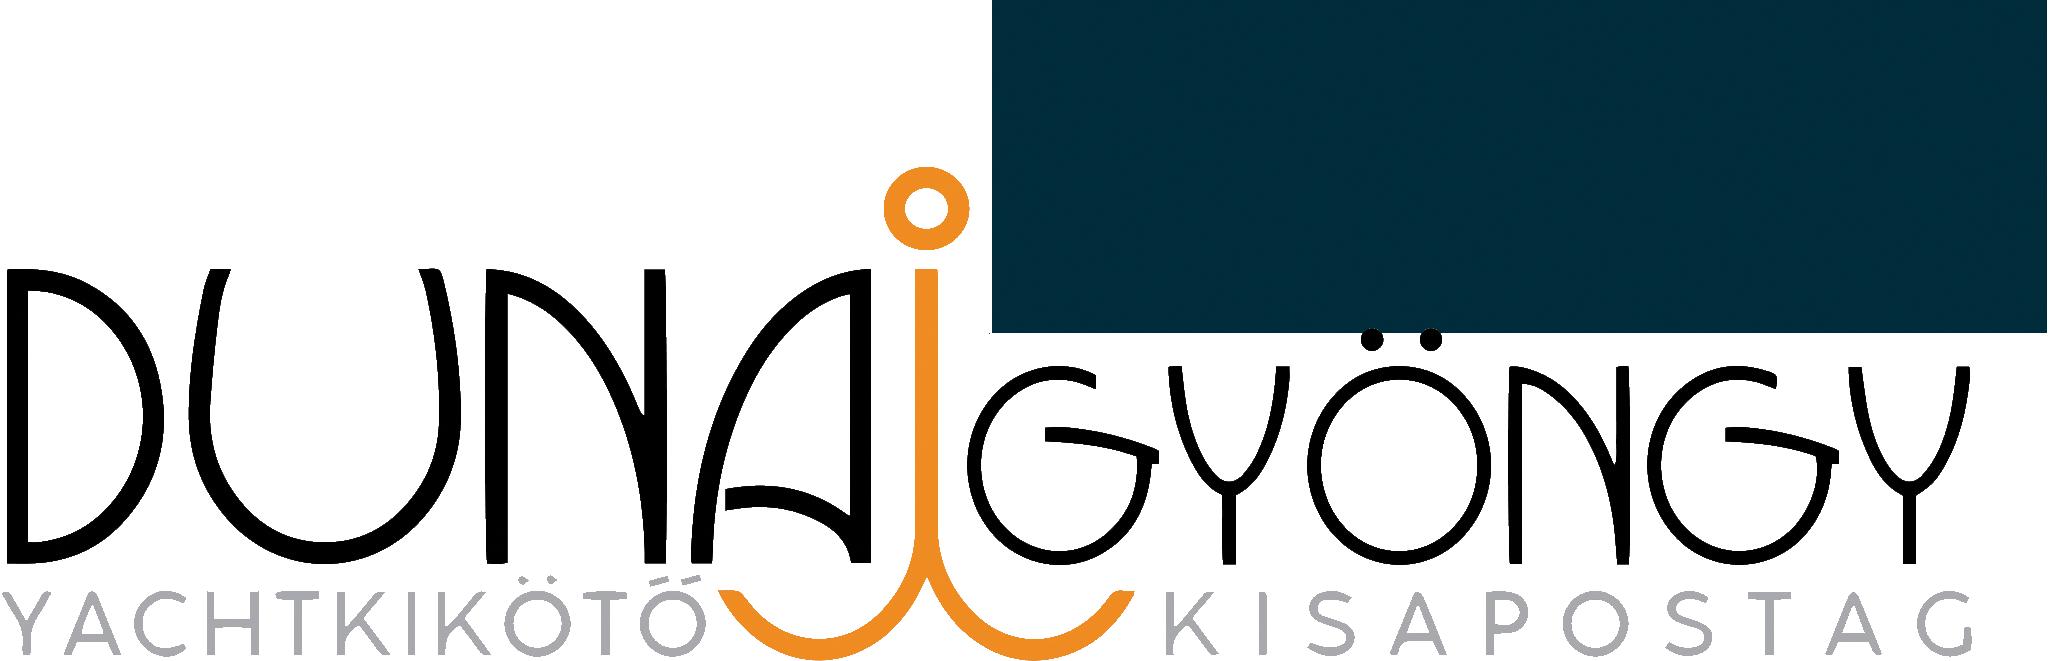 Dunai Gyöngy Yachtkikötő logó